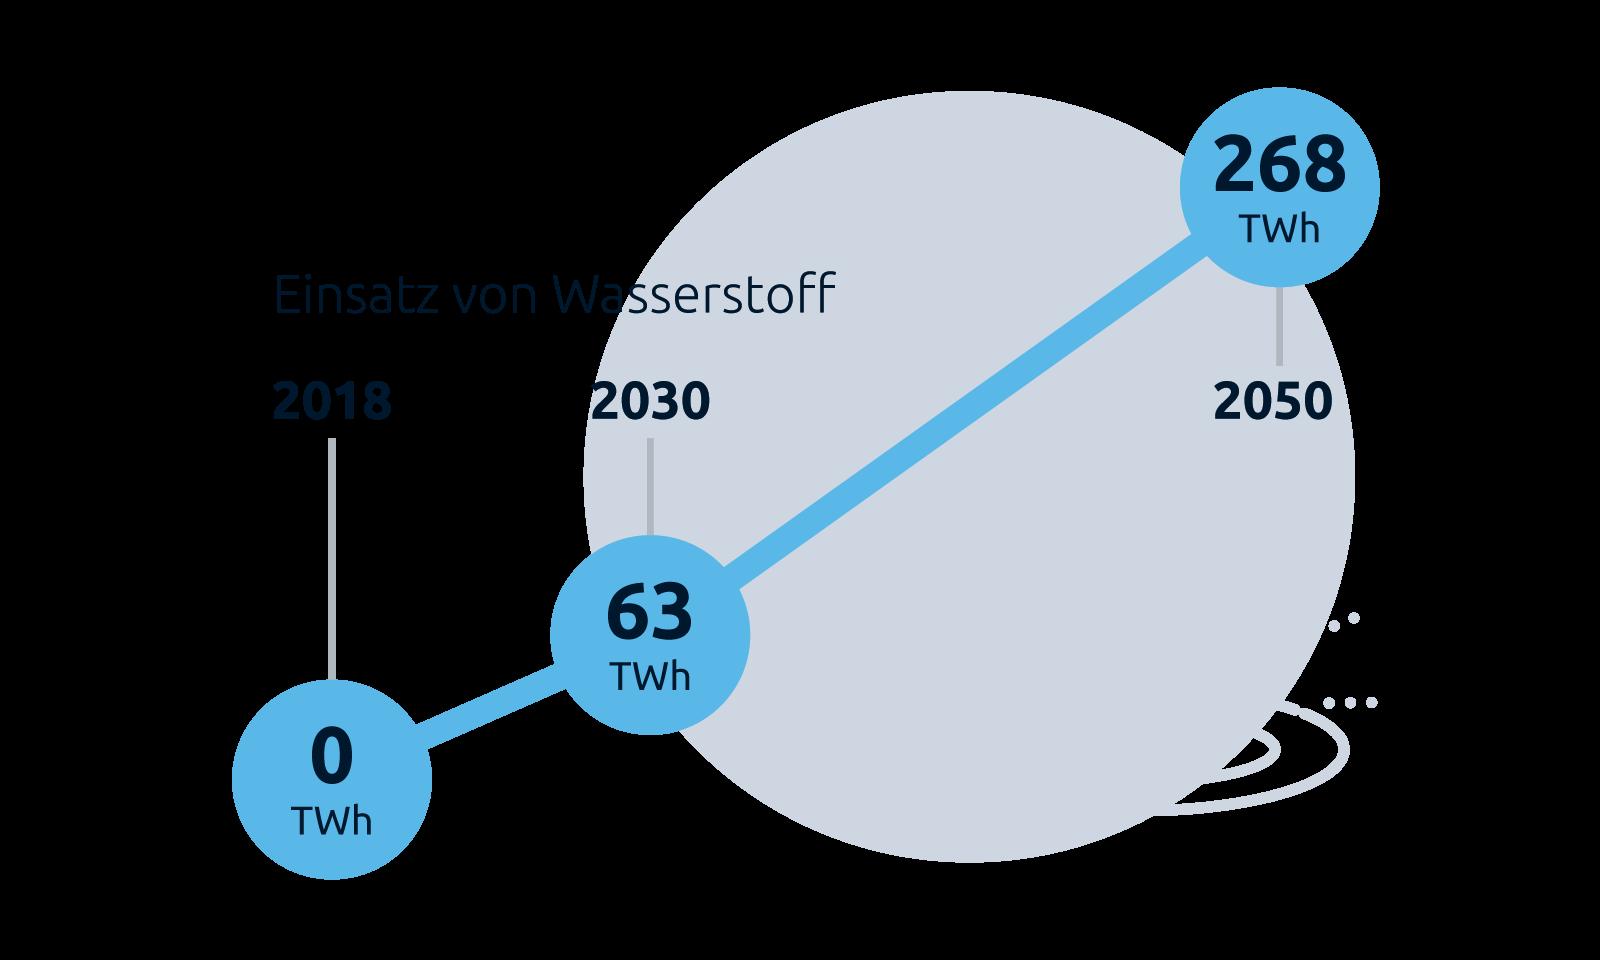 """Grafik """"Einsatz von Waserstoff"""", Stiftung Klimaneutralität"""""""